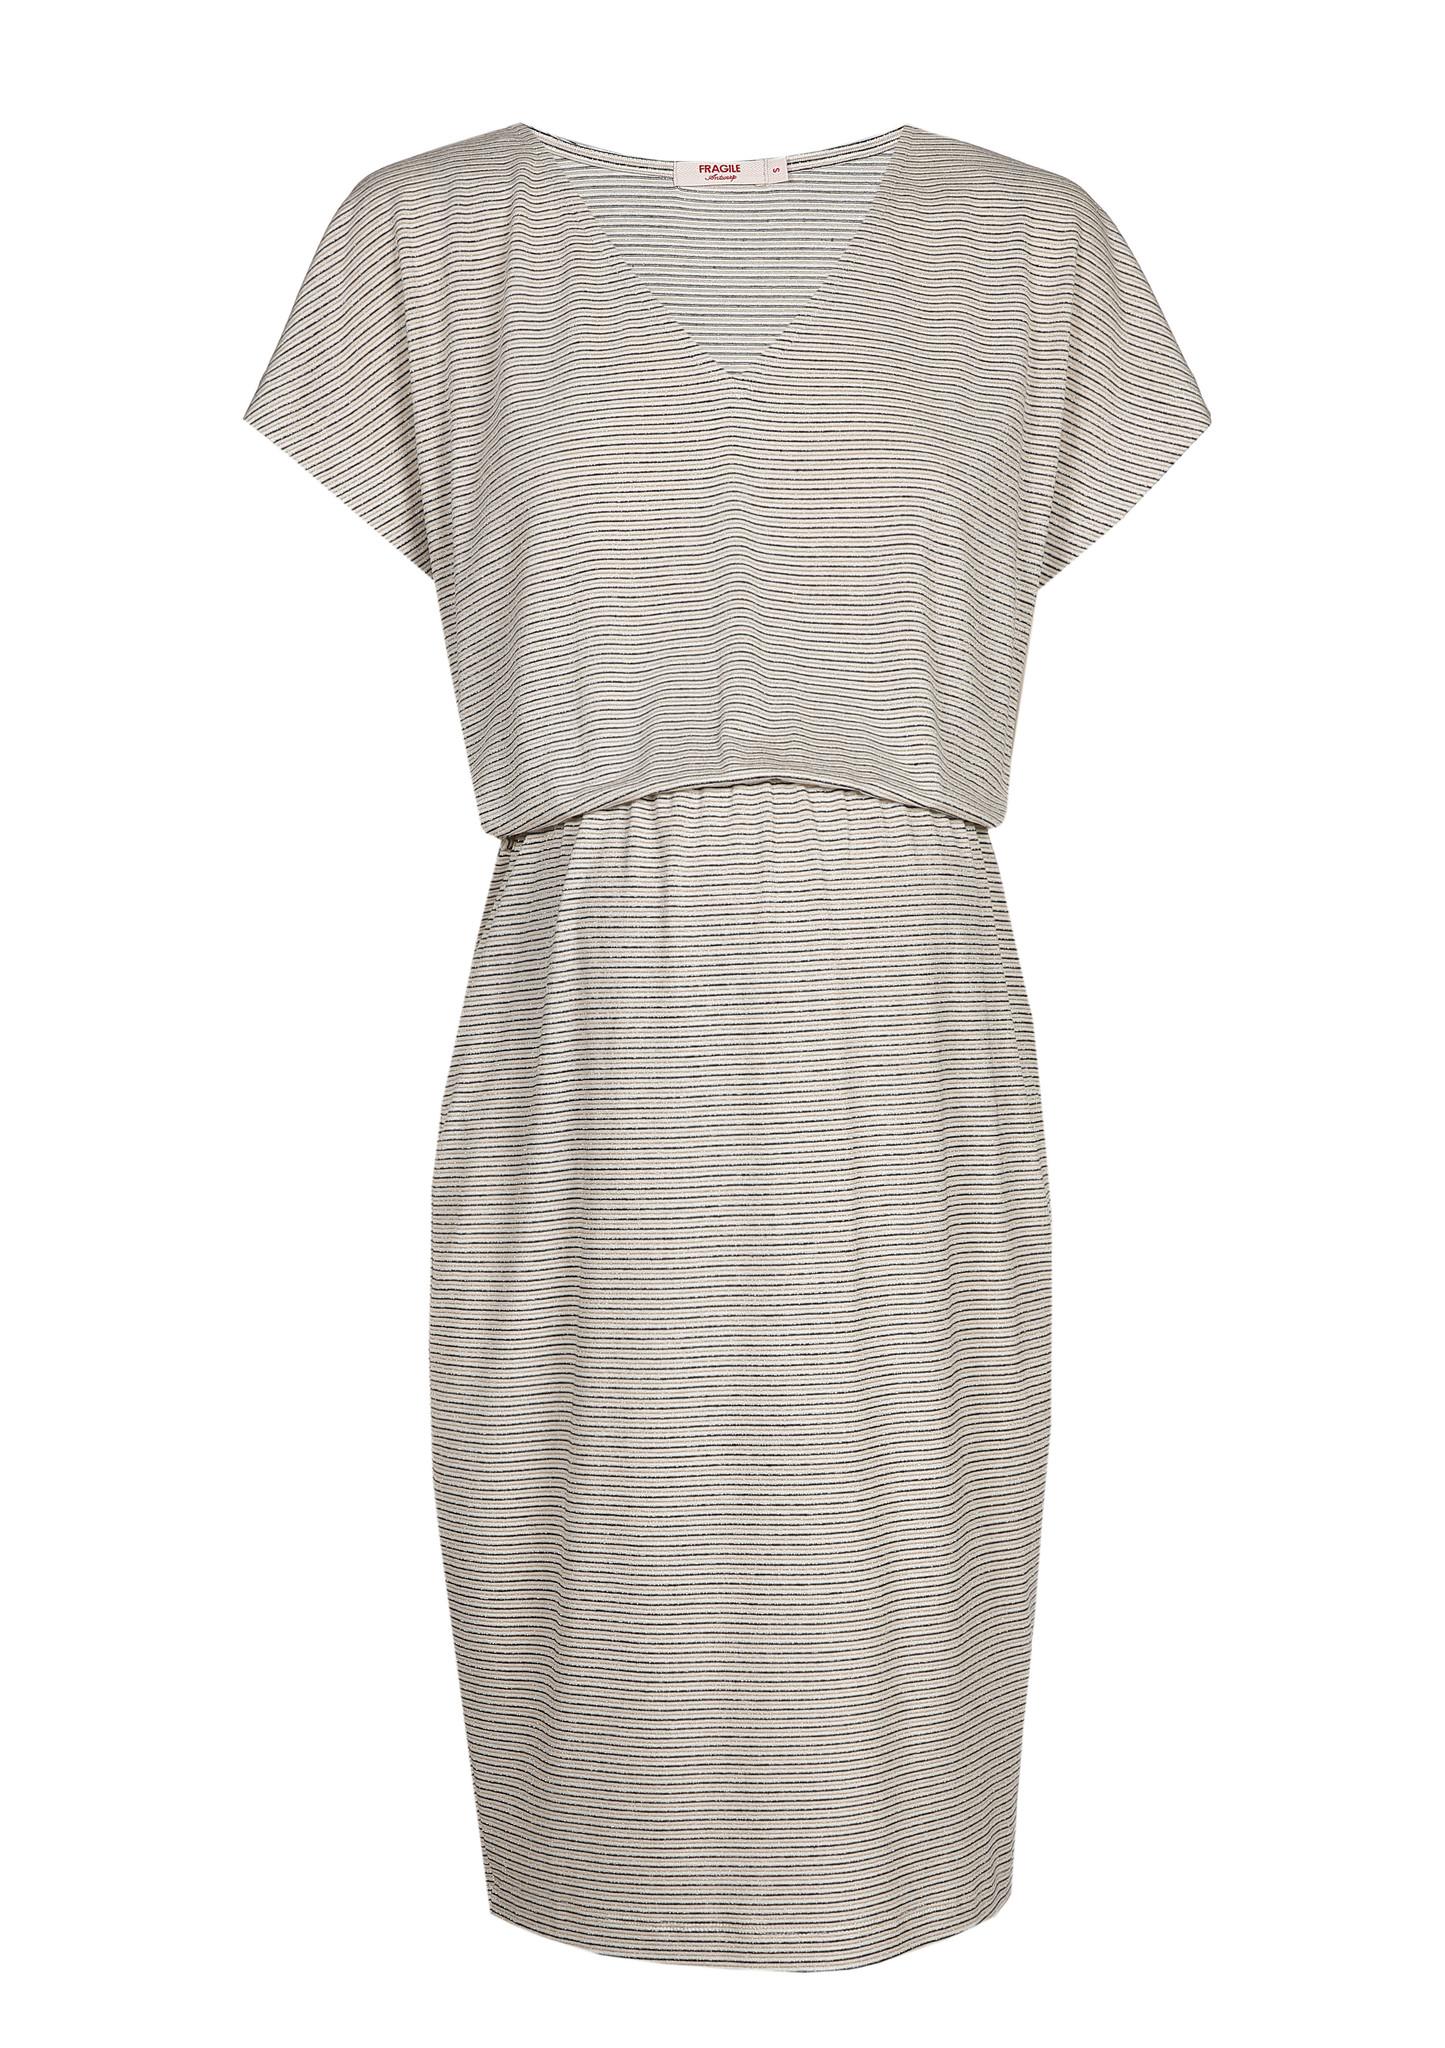 Blouson Dress Ecru Stripes-4